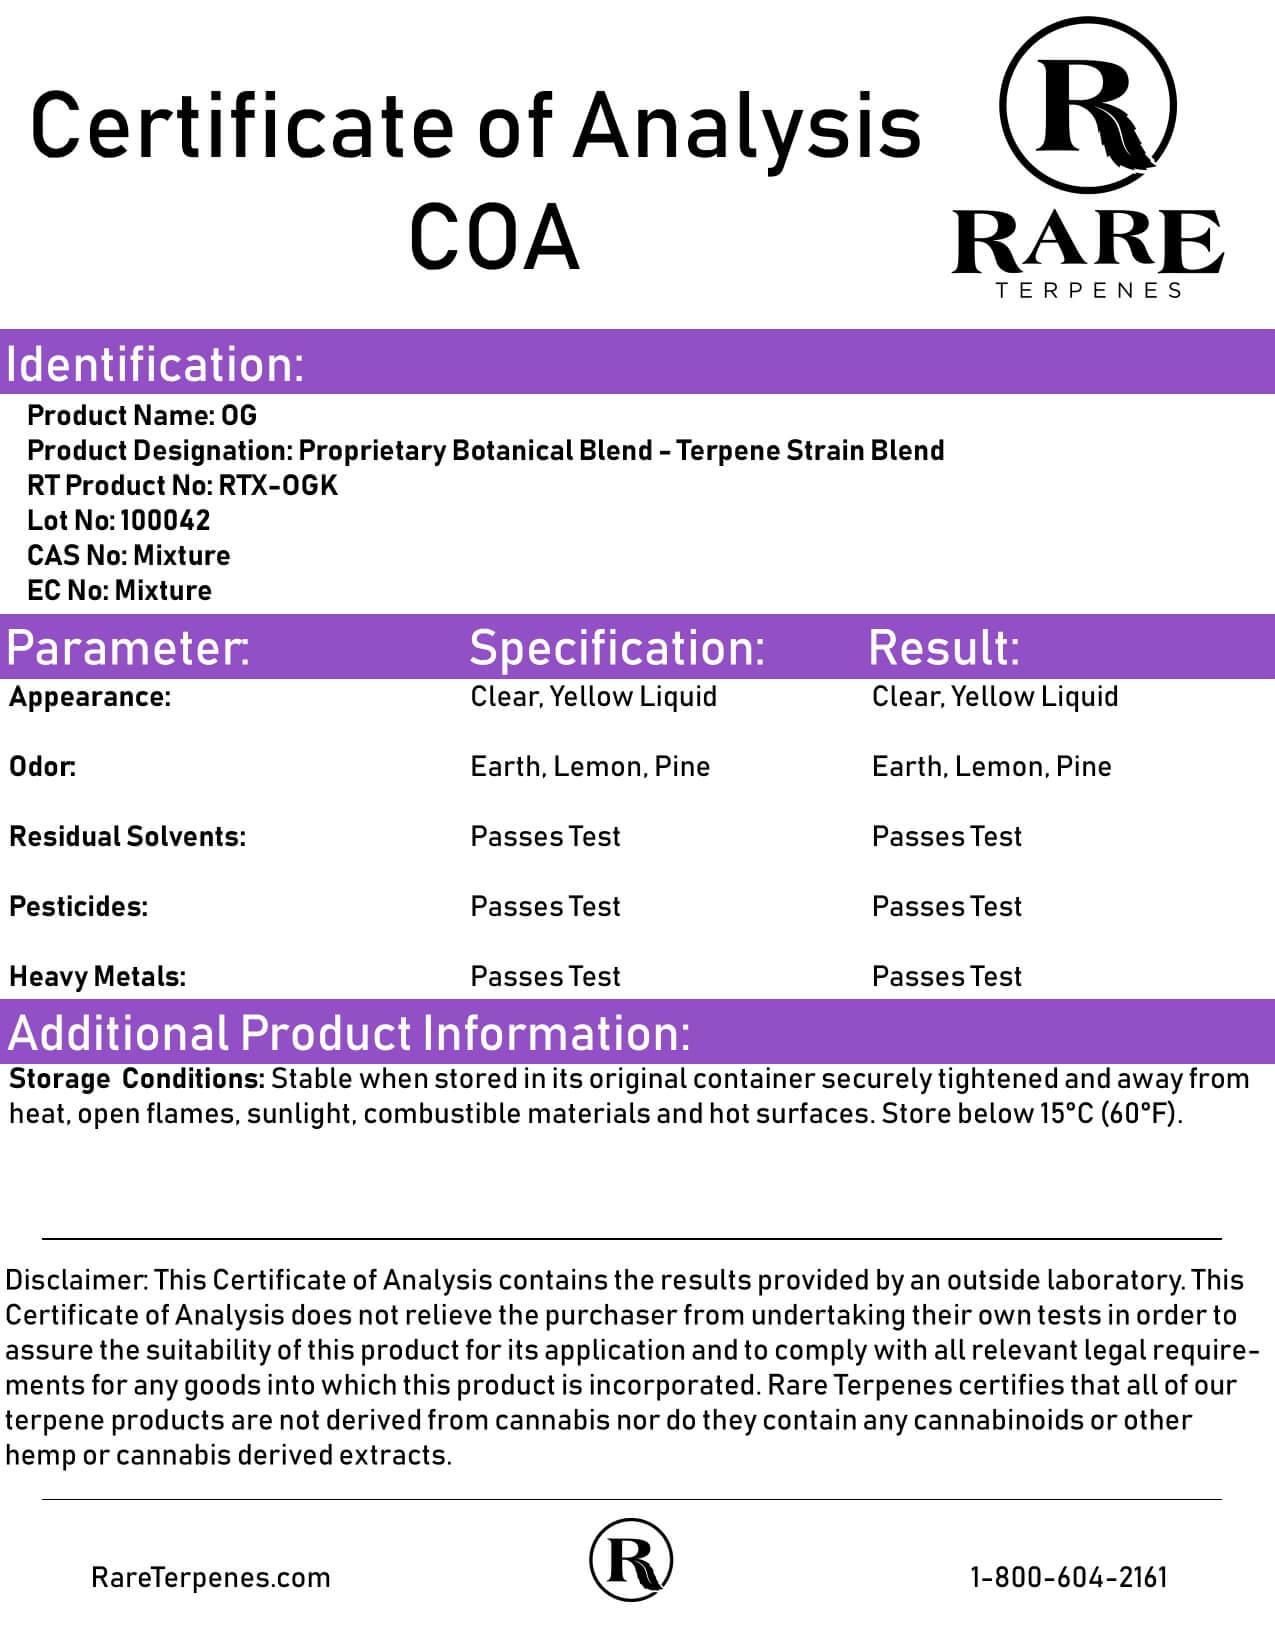 Rare Terpenes Tepene Strain Blends OG Kush Lab Report